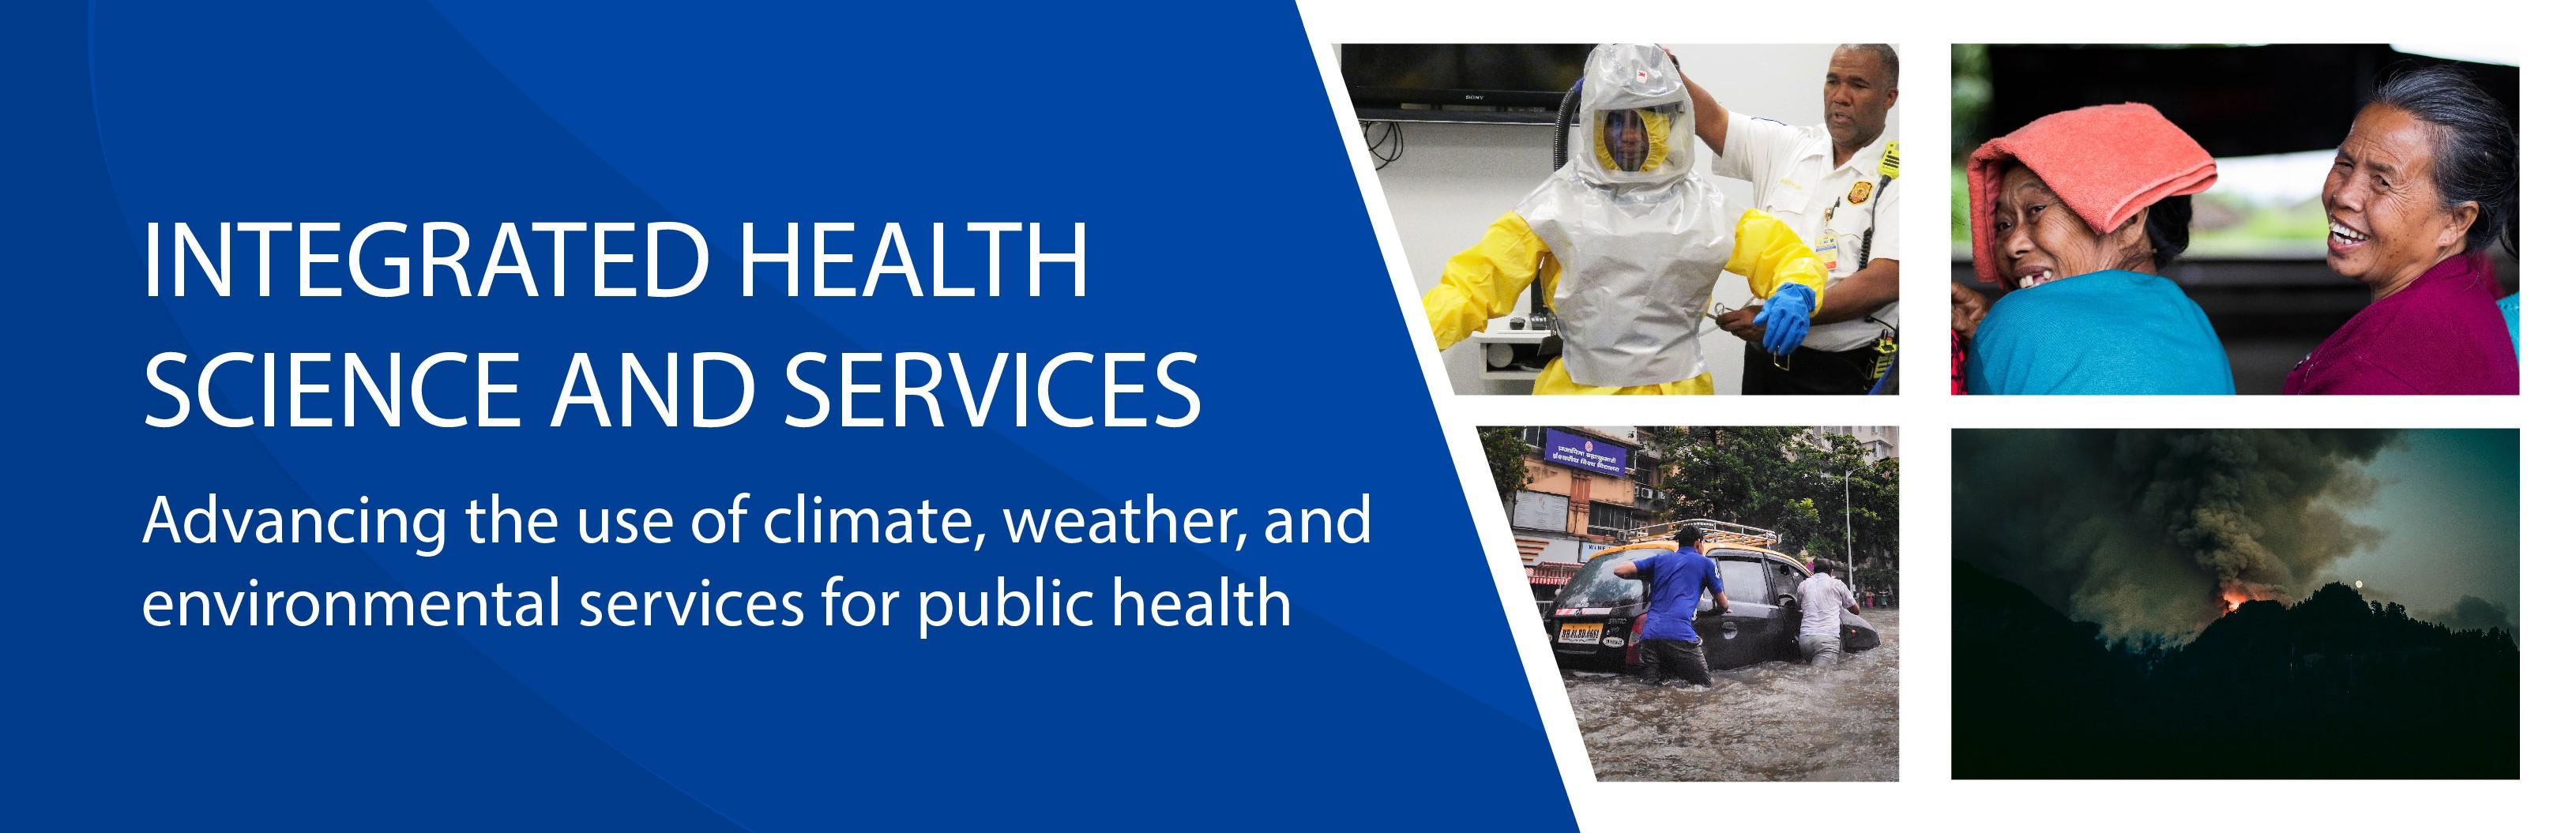 health service banner